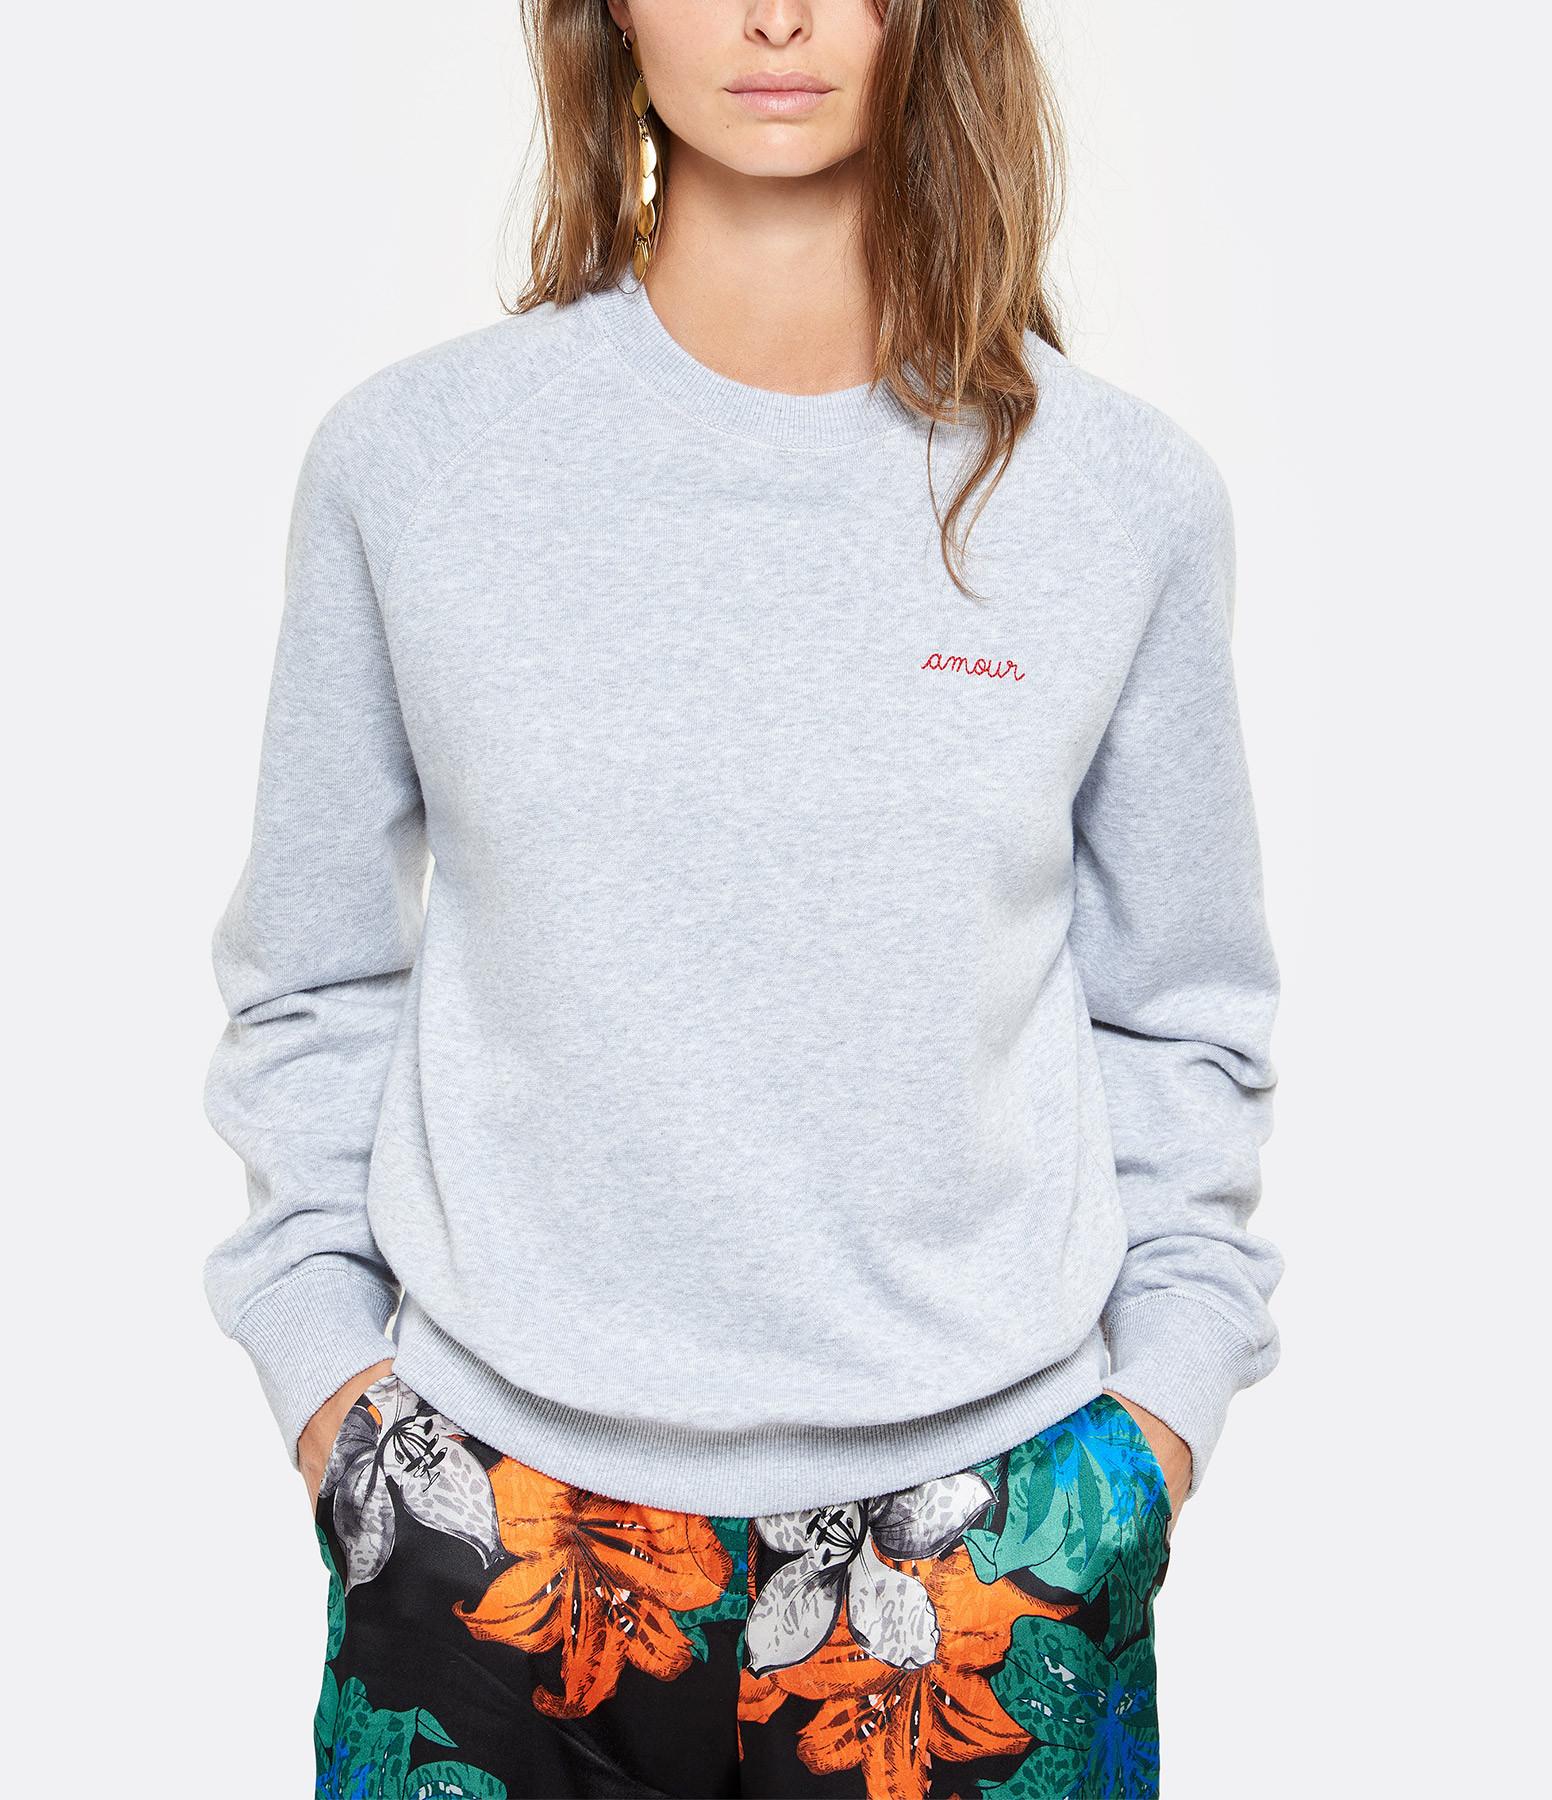 MAISON LABICHE - Sweatshirt Amour Gris Chiné Clair